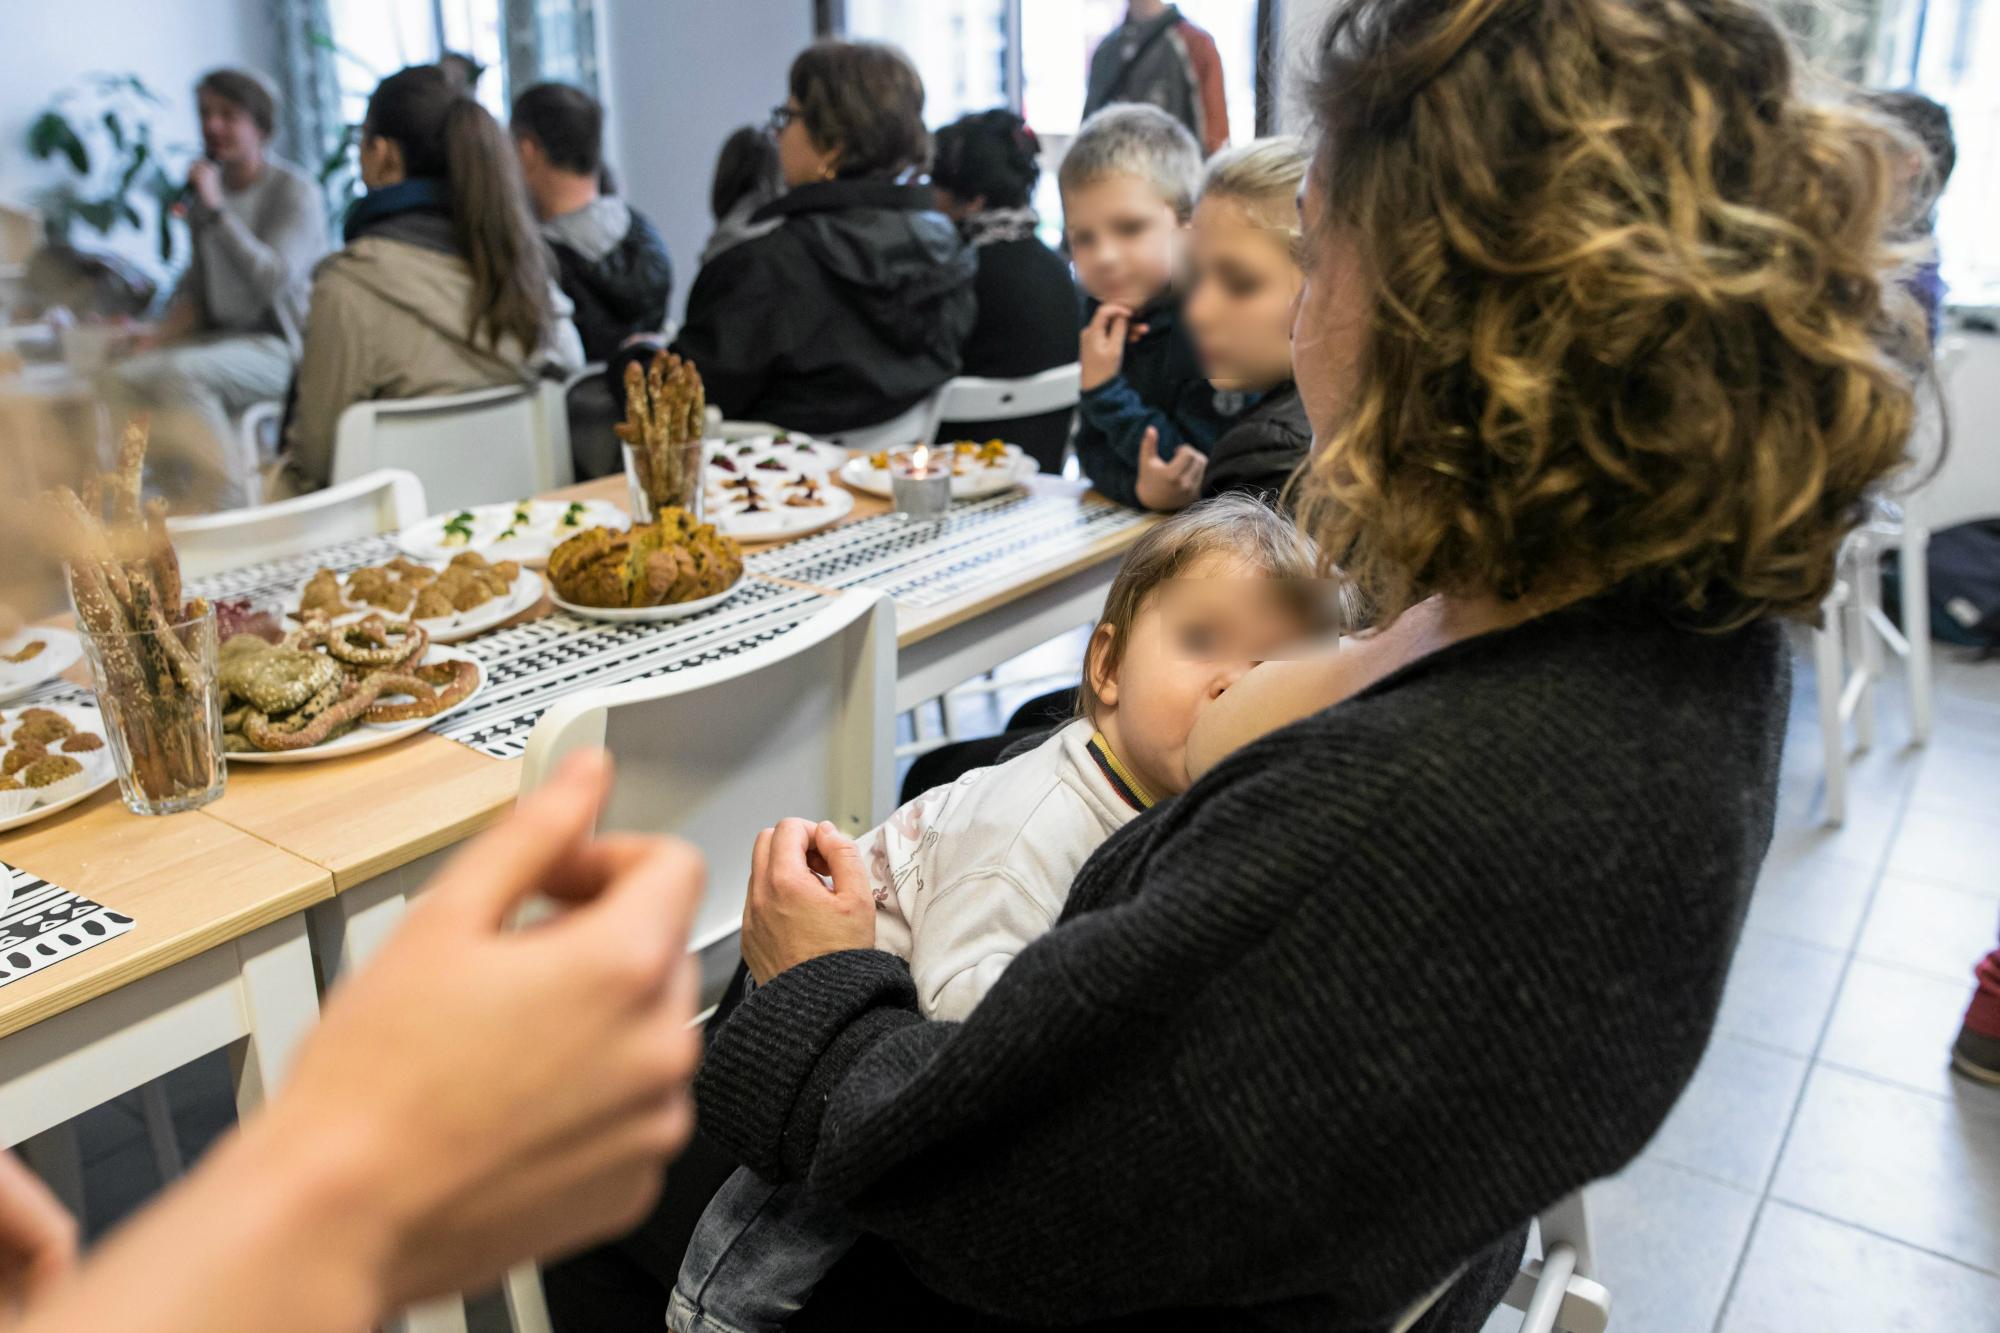 Ewa często proszona jest przez gości restauracji, żeby zwróciła uwagę matce karmiącej dziecko, że nie powinna tego robić na sali (fot: Jakub Orzechowski/ Agencja Gazeta)